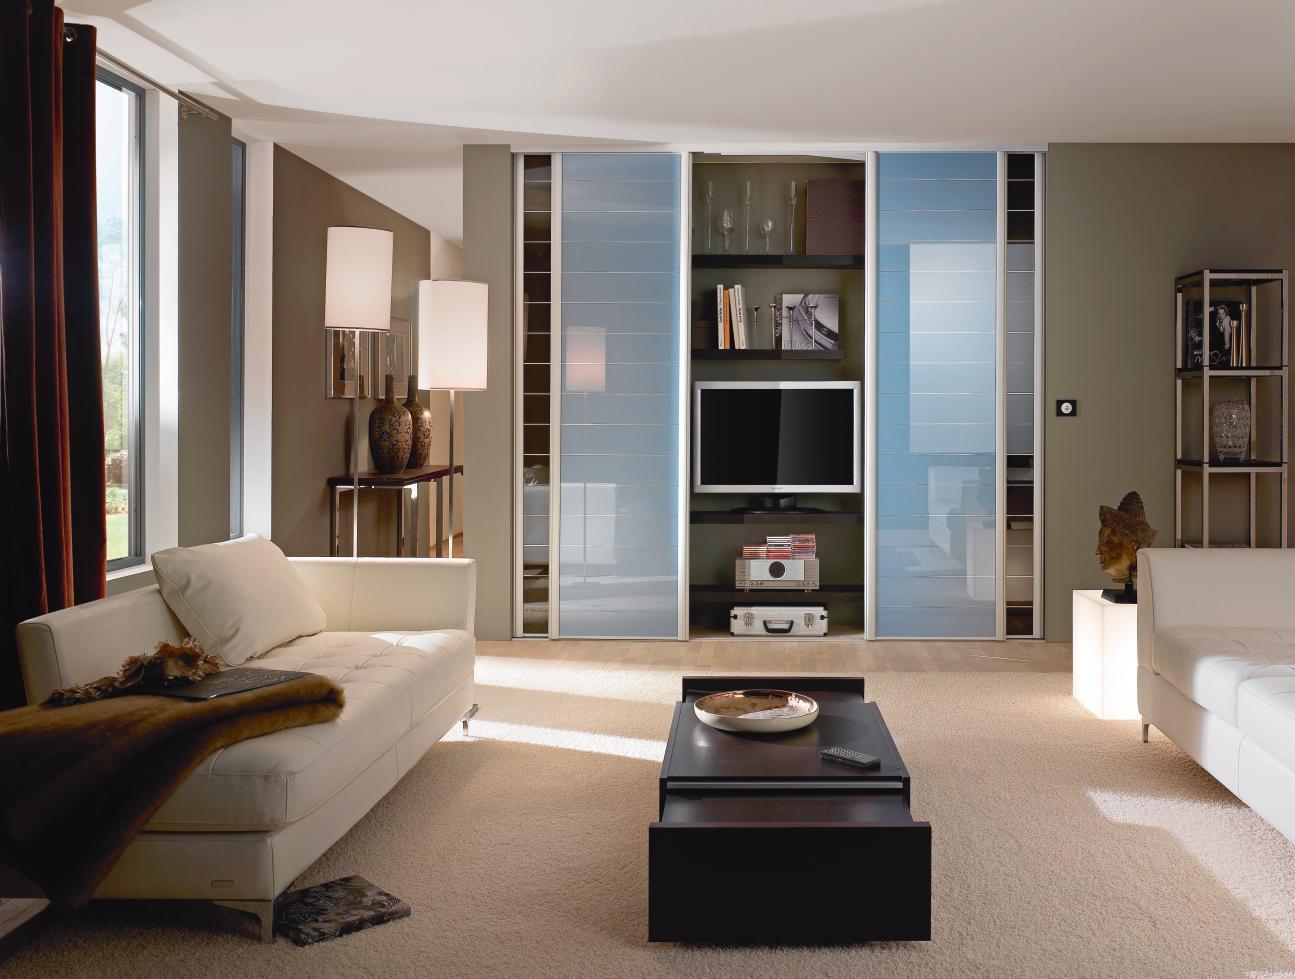 Chambre adulte feng shui une chambre parentale feng shui for Couleur tendance pour chambre parentale